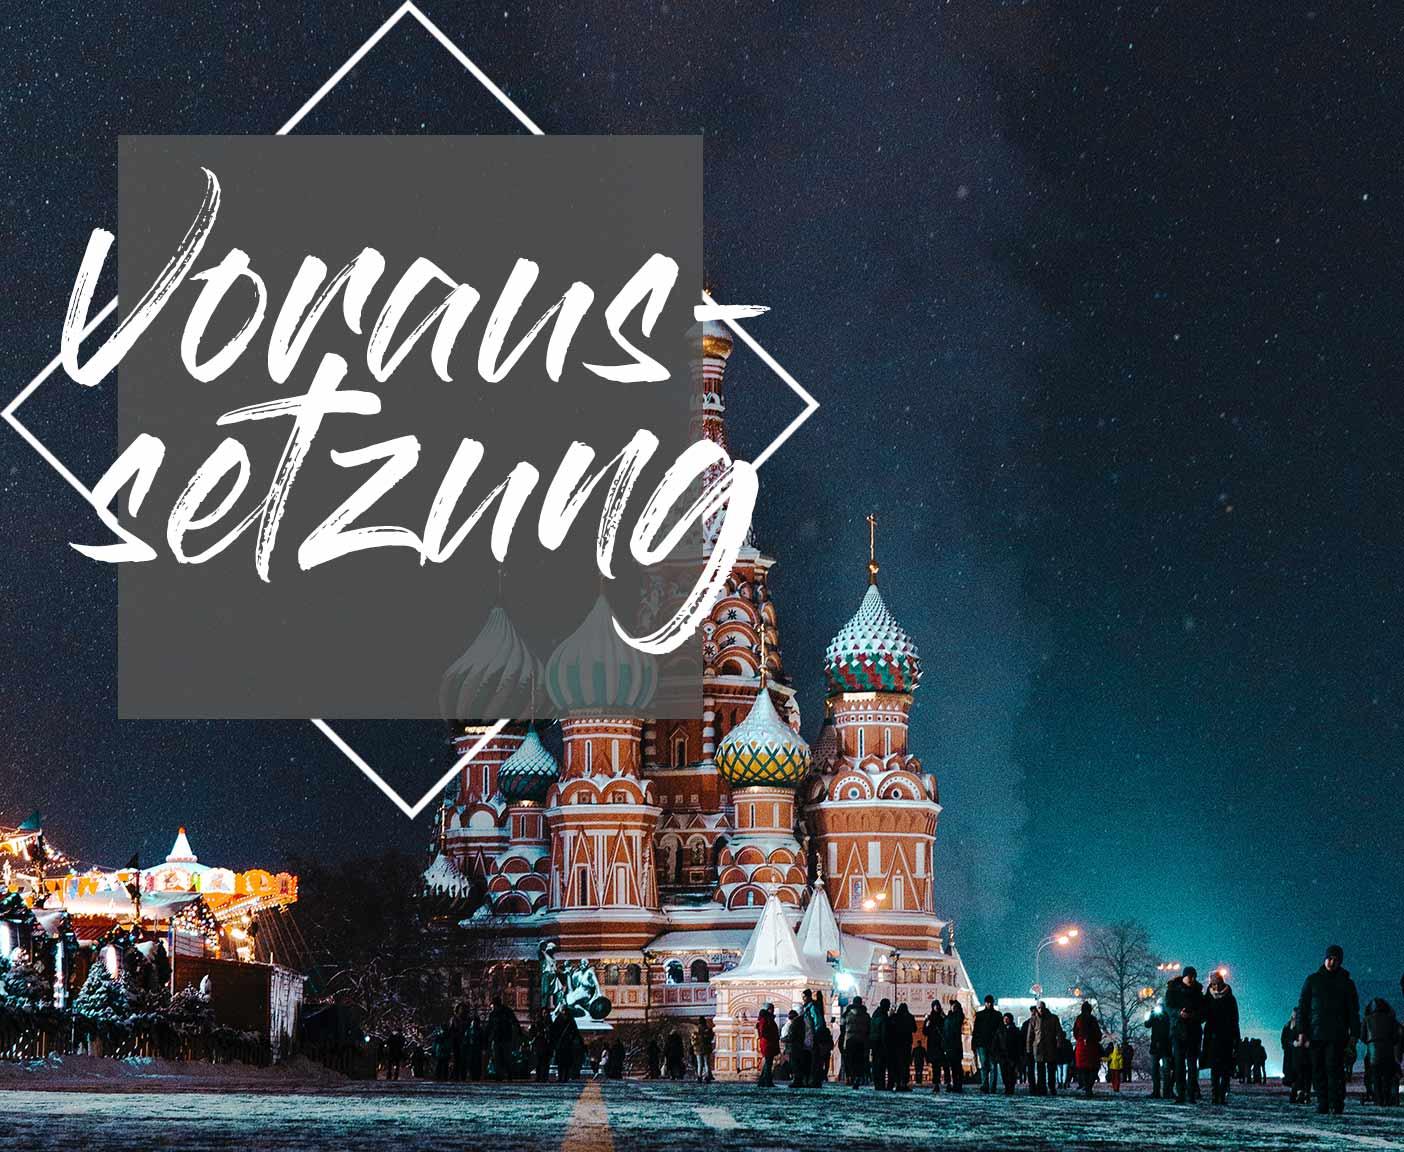 visum-russland-gefährlich-dauer-kosten-berlin-urlaub-unterlagen-am meer